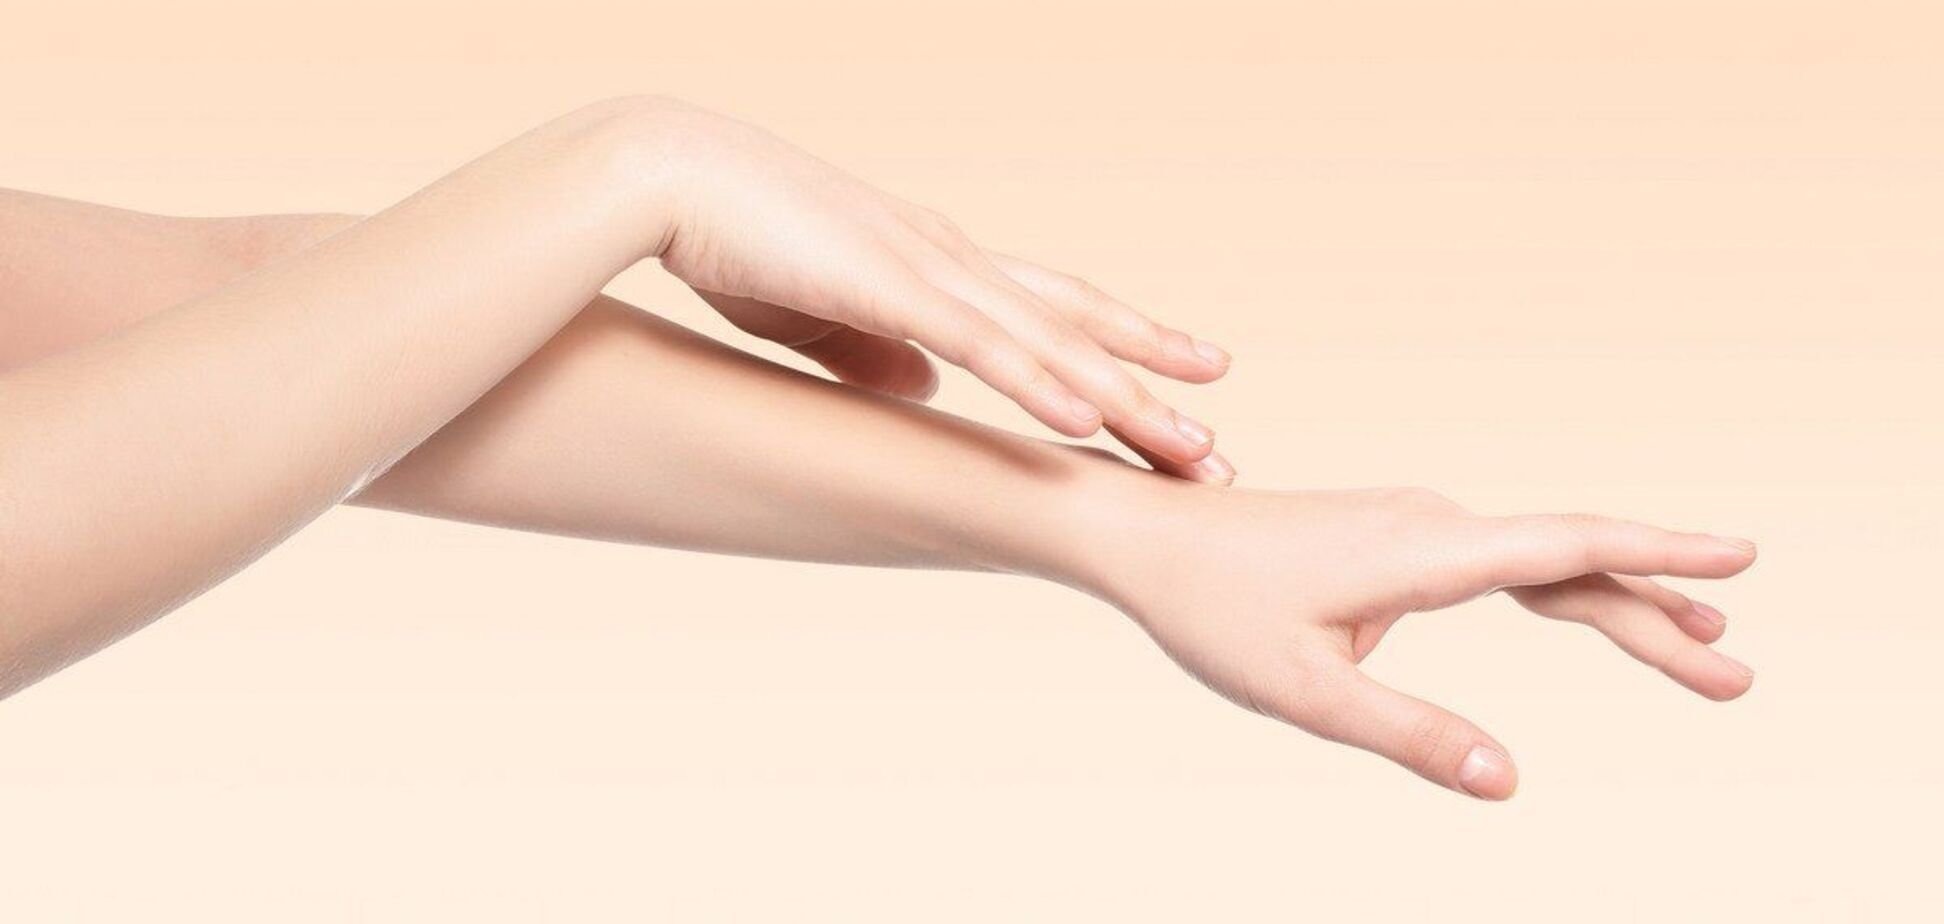 Как сосиски: 6 распространенных причин отека пальцев на руках